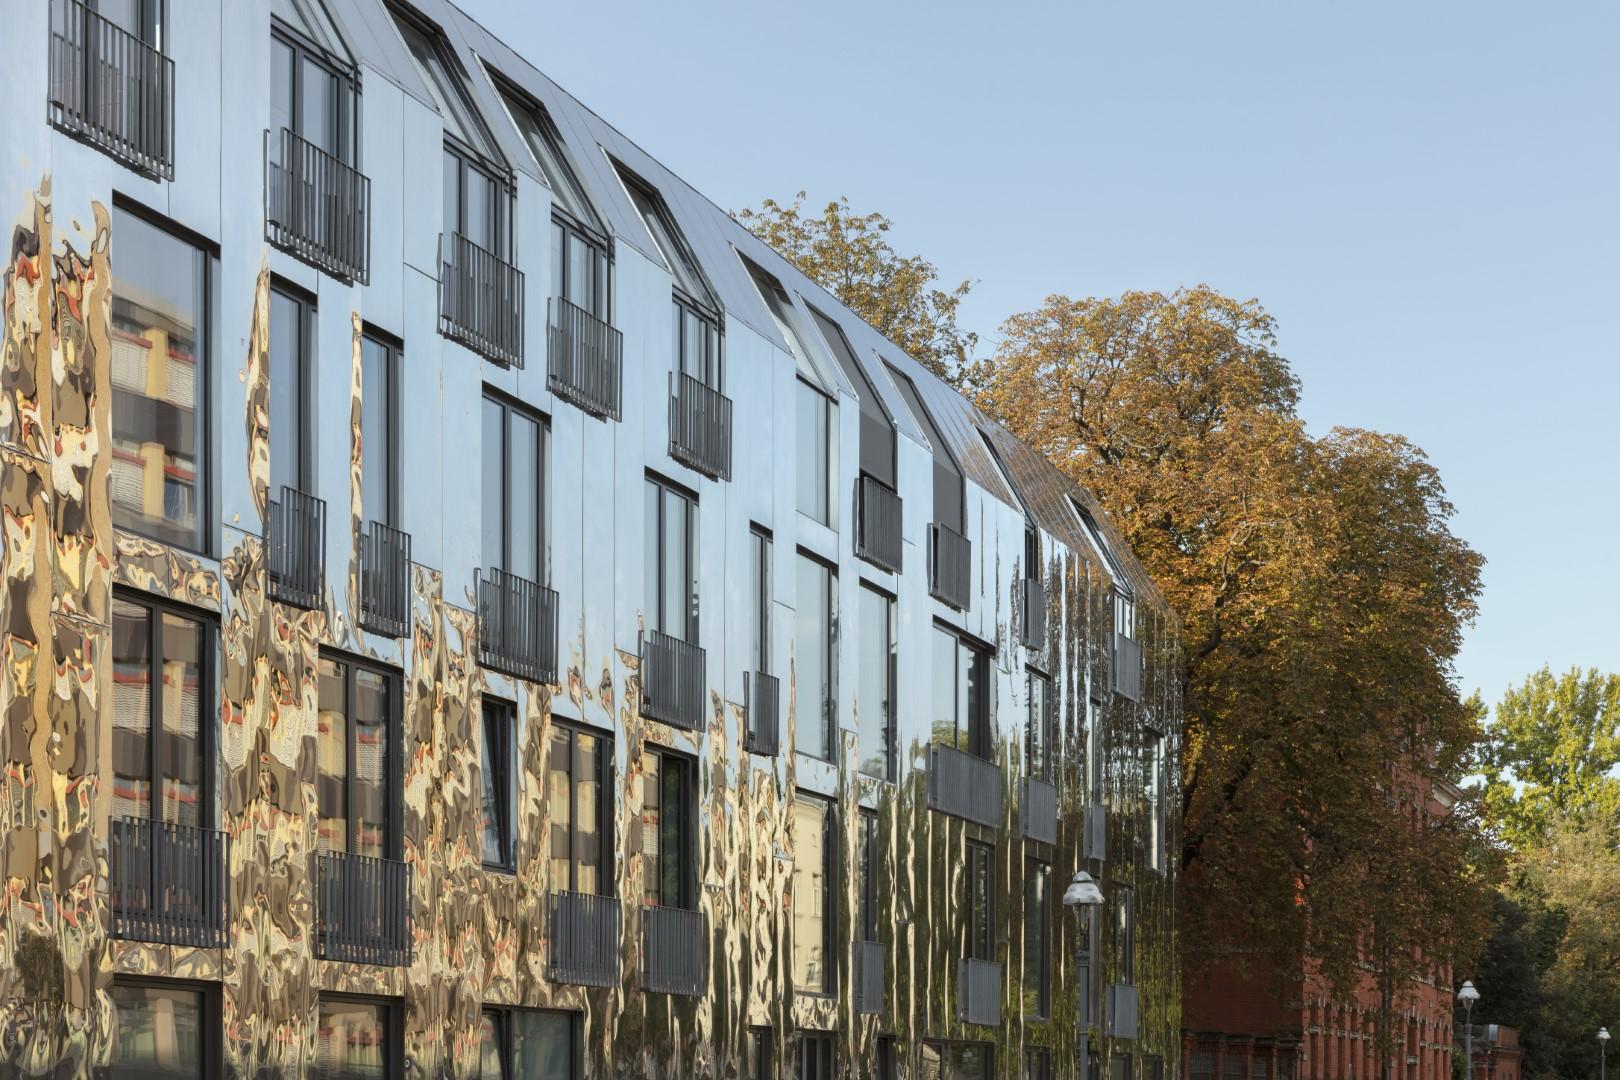 Großformatige Schindel aus HFX Edelstahl für Dach und Fassade